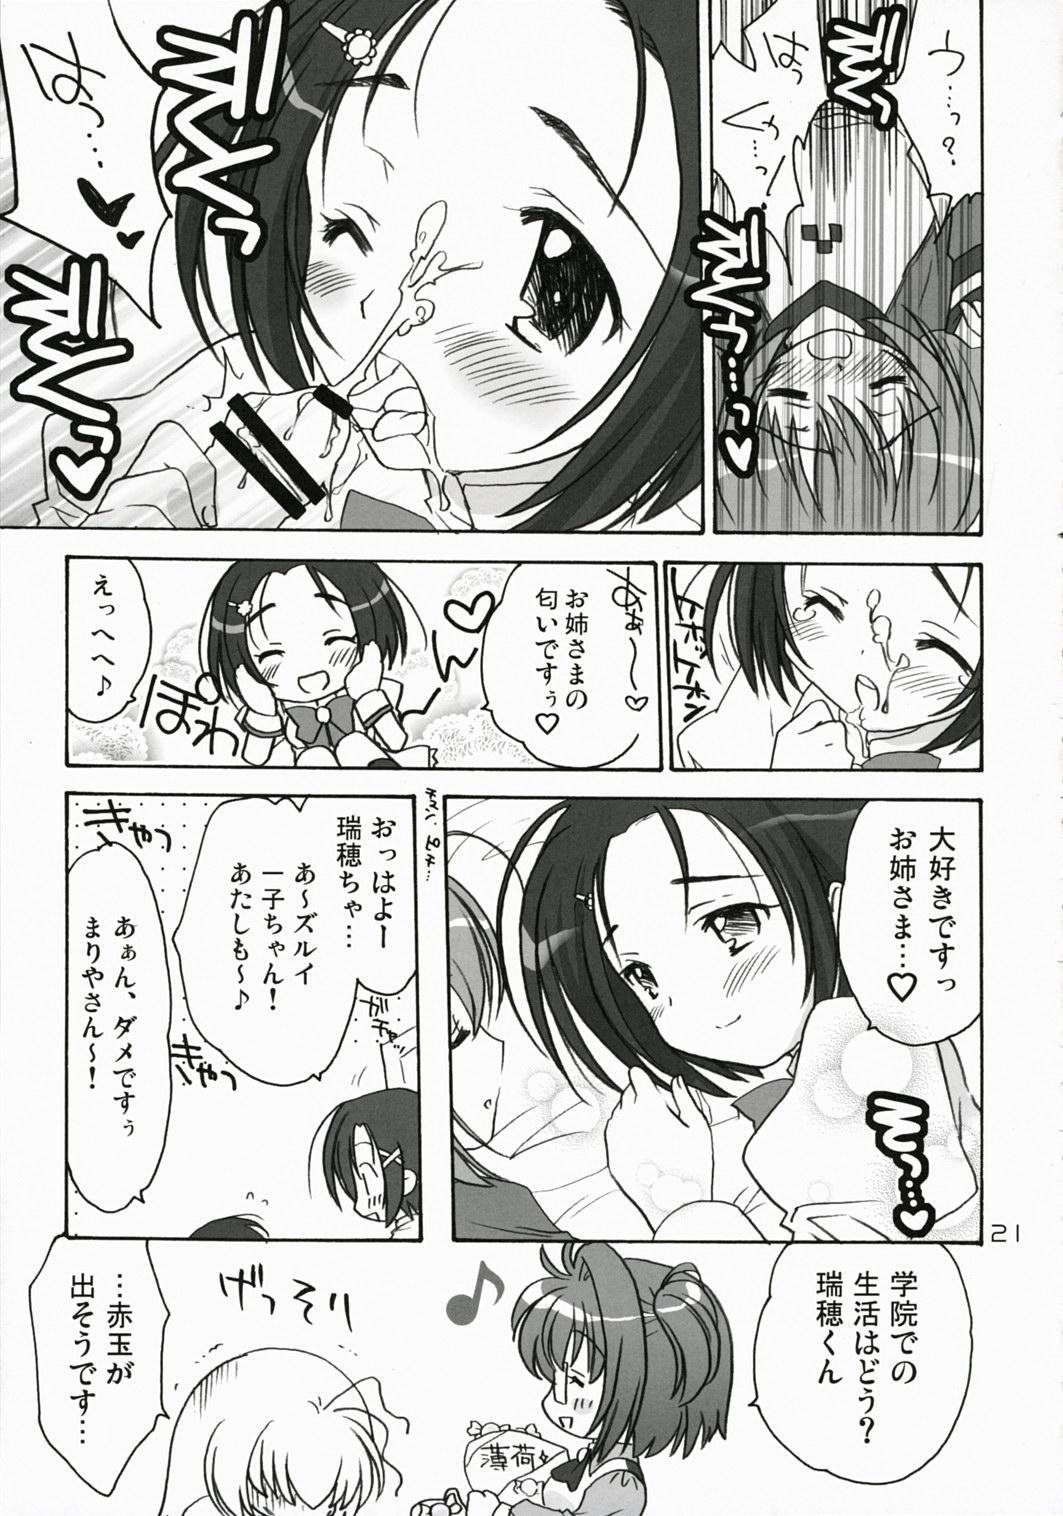 Elder ni onegai! 19